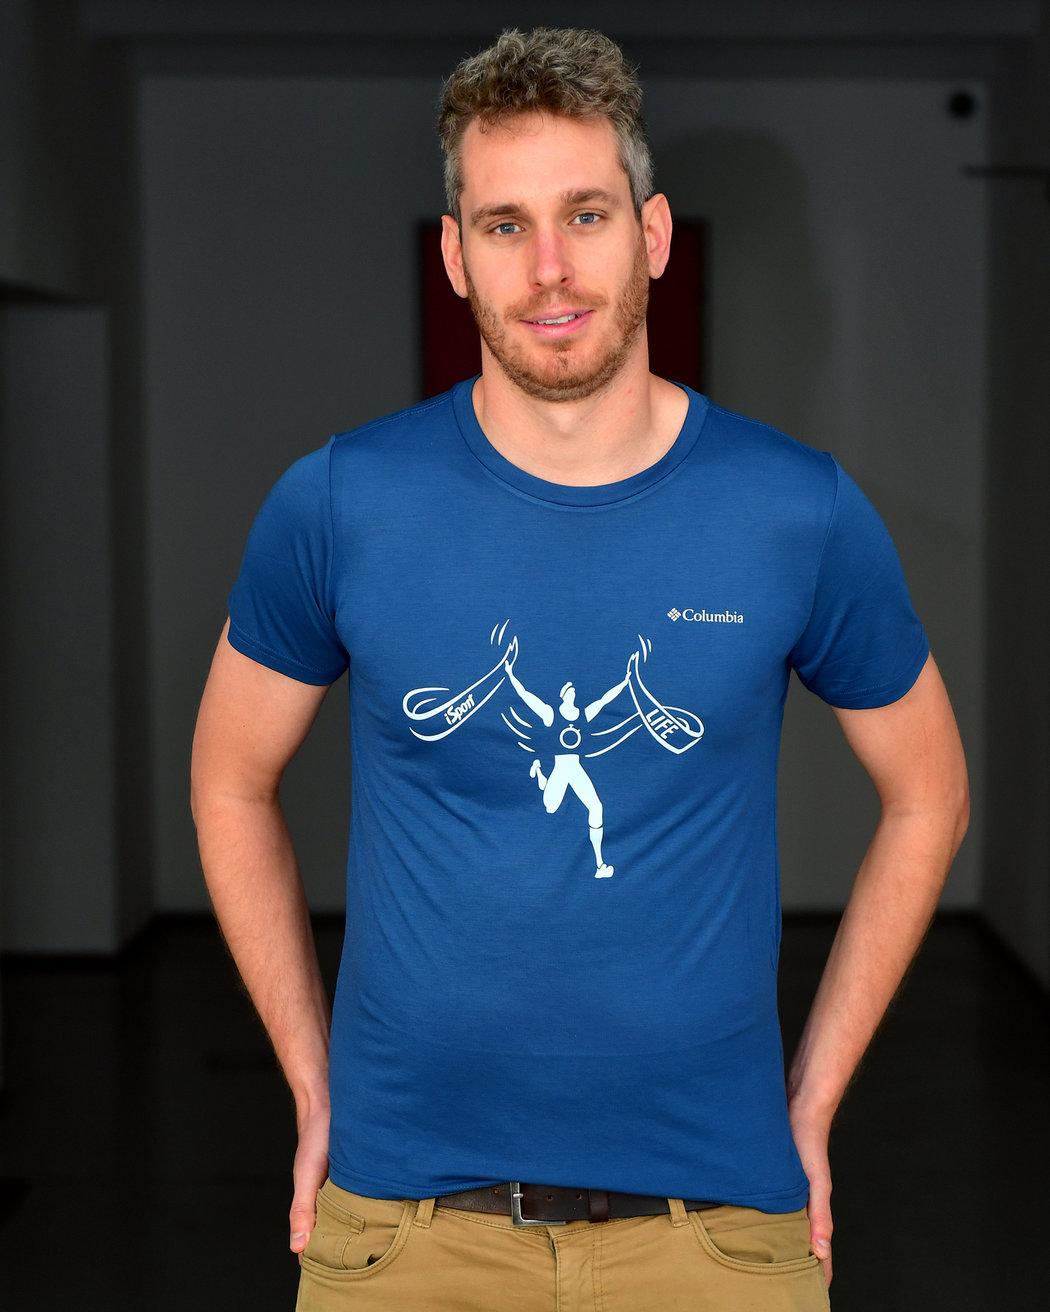 Funkční tričko Columbia s originálním potiskem iSport LIFE závodů